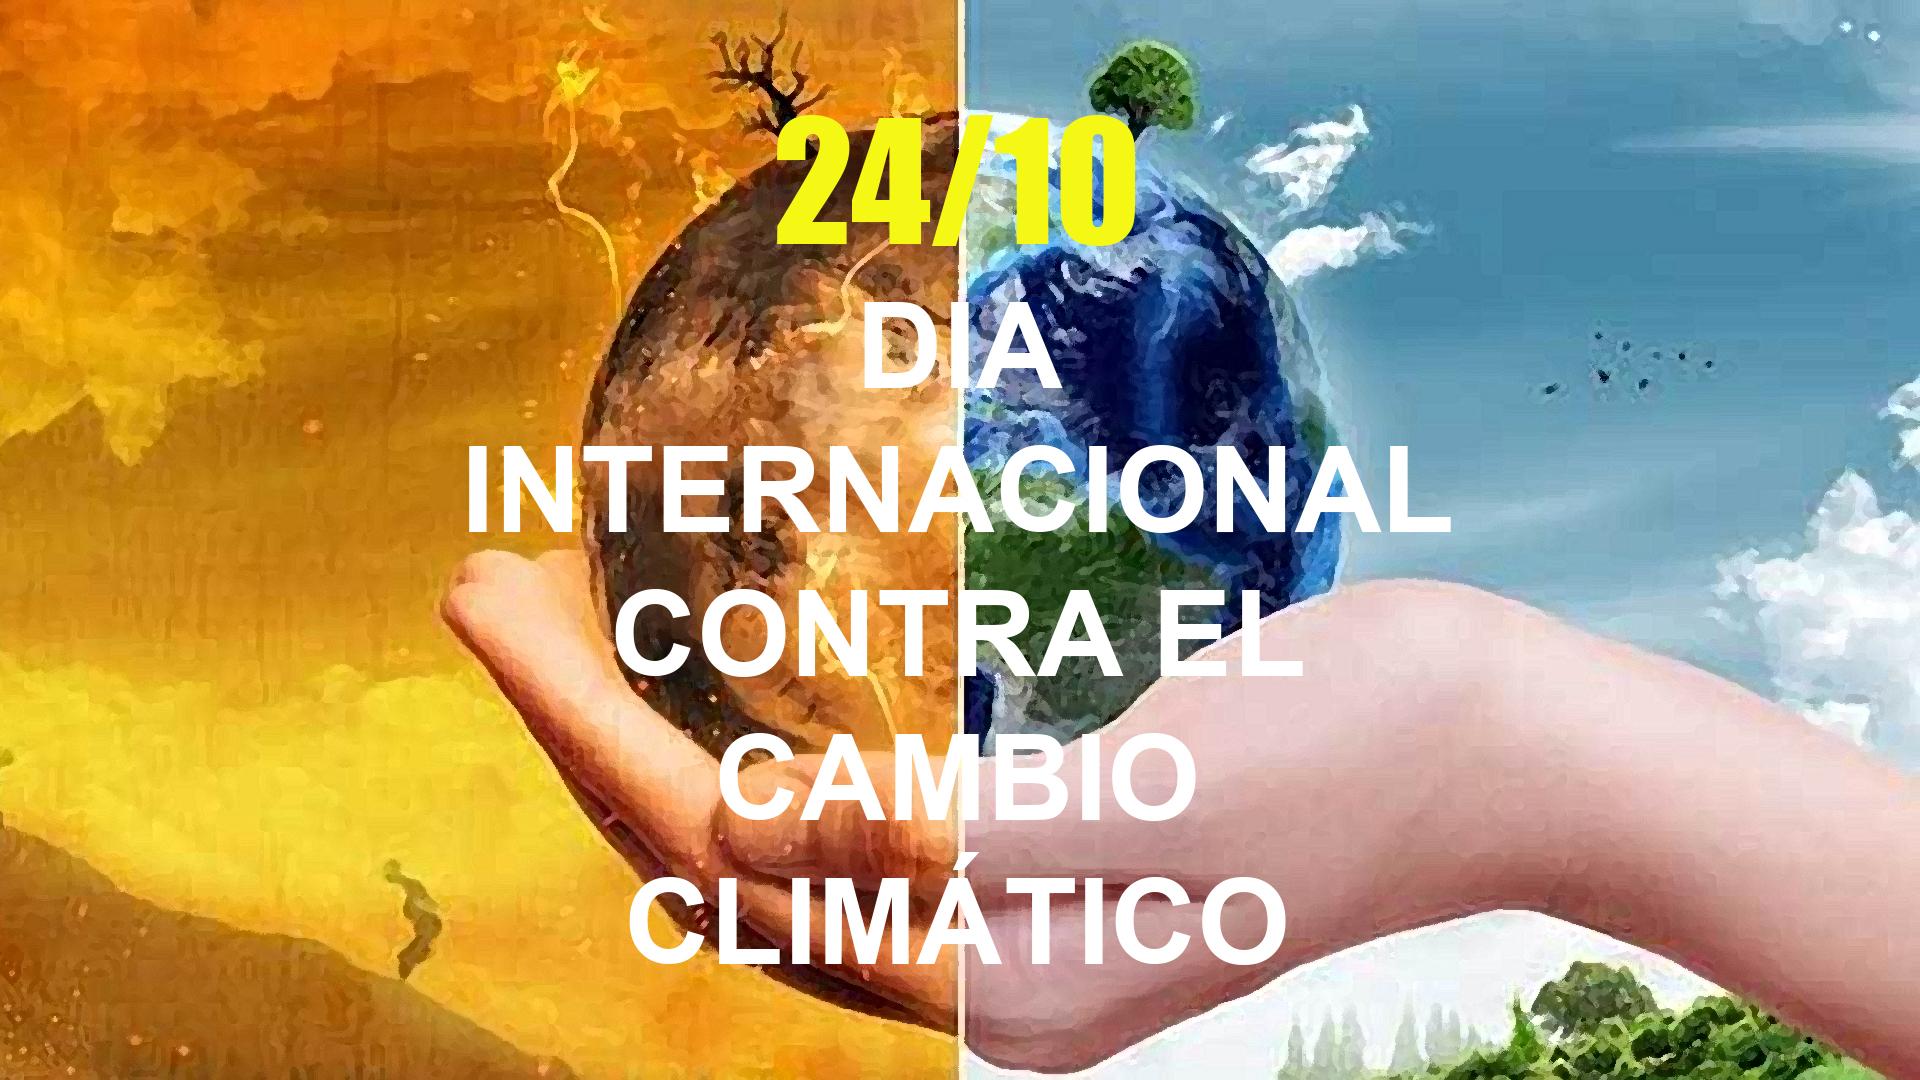 LKS KREANen lana Klima Aldaketaren aurka